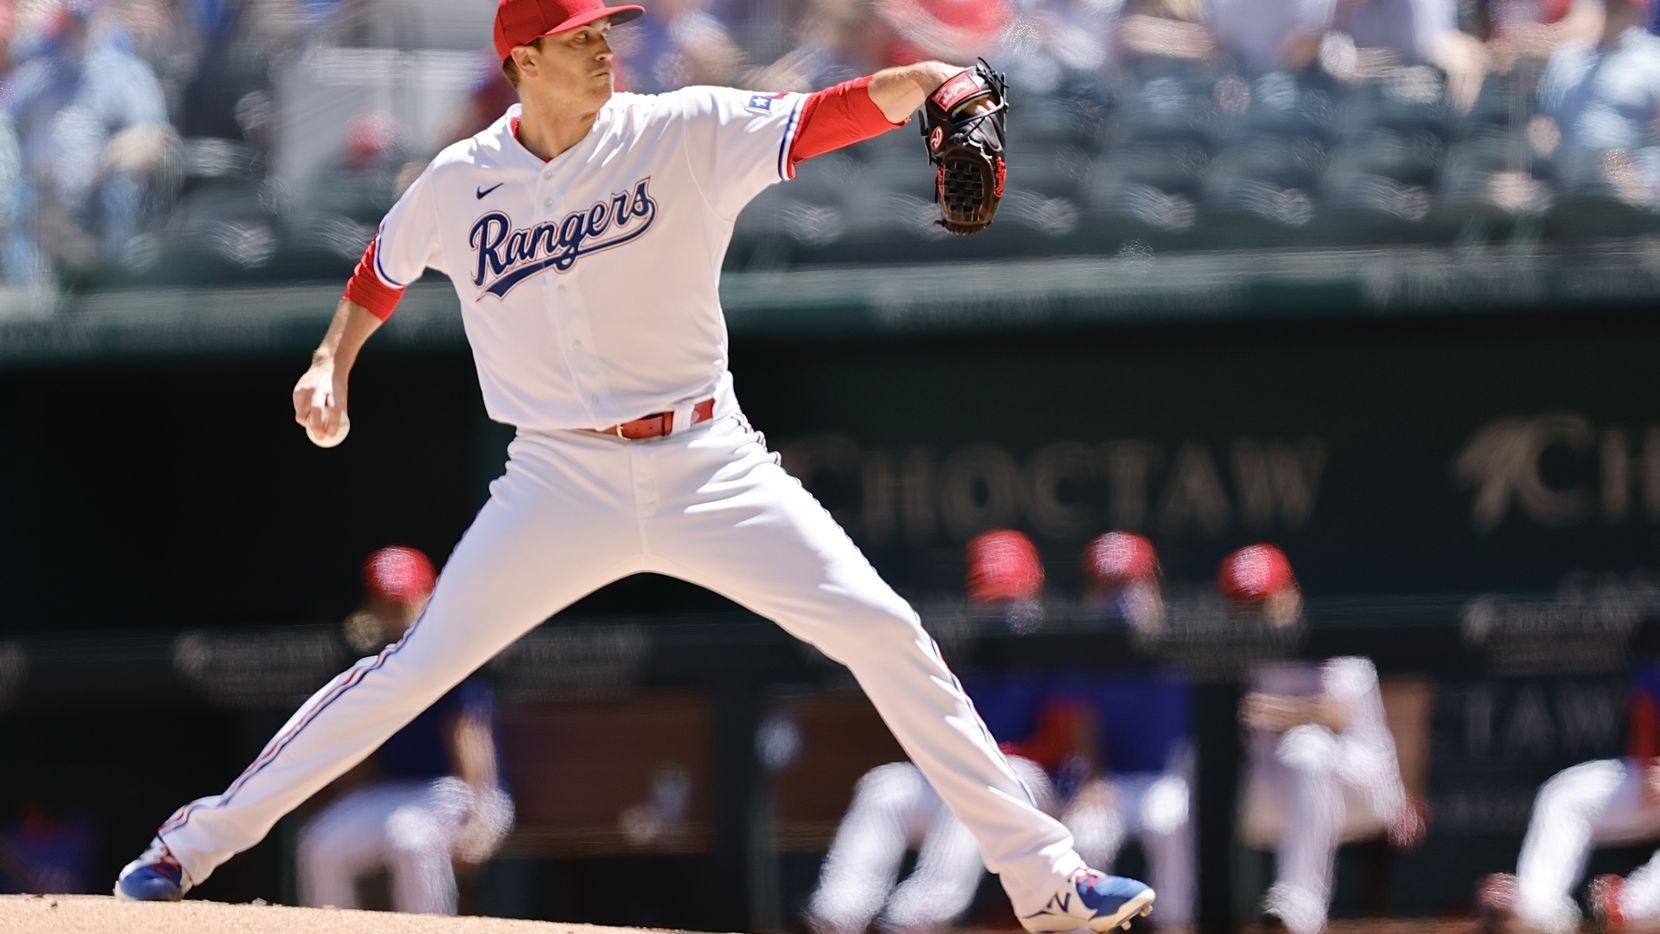 El pitcher de los Rangers de Texas, Kyle Gibson, ponchó a ocho bateadores de los Blue Jays de Toronto en el juego efectuado en el Globe Life Field de Arlingon, el 7 de abril de 2021.